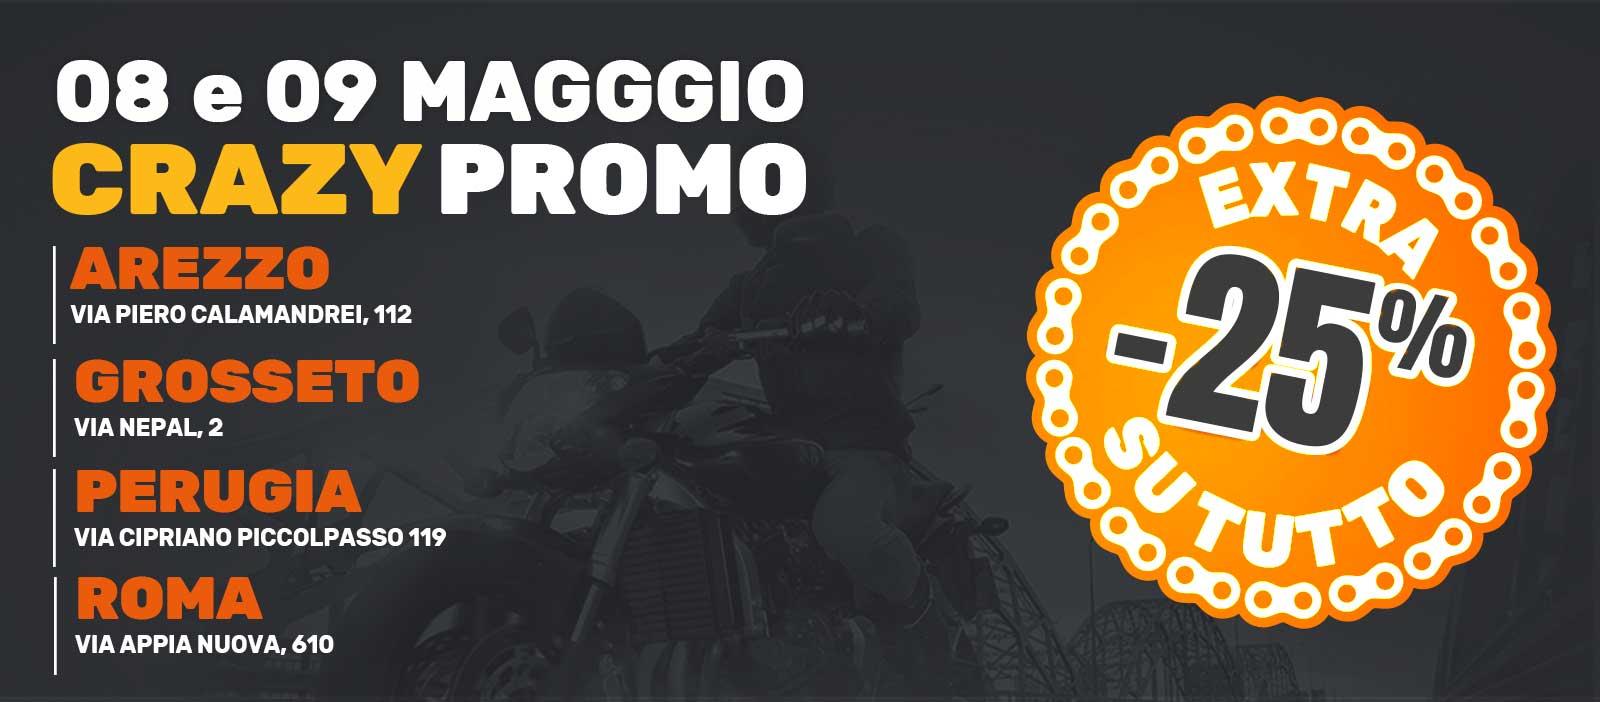 promo25-8e9maggio